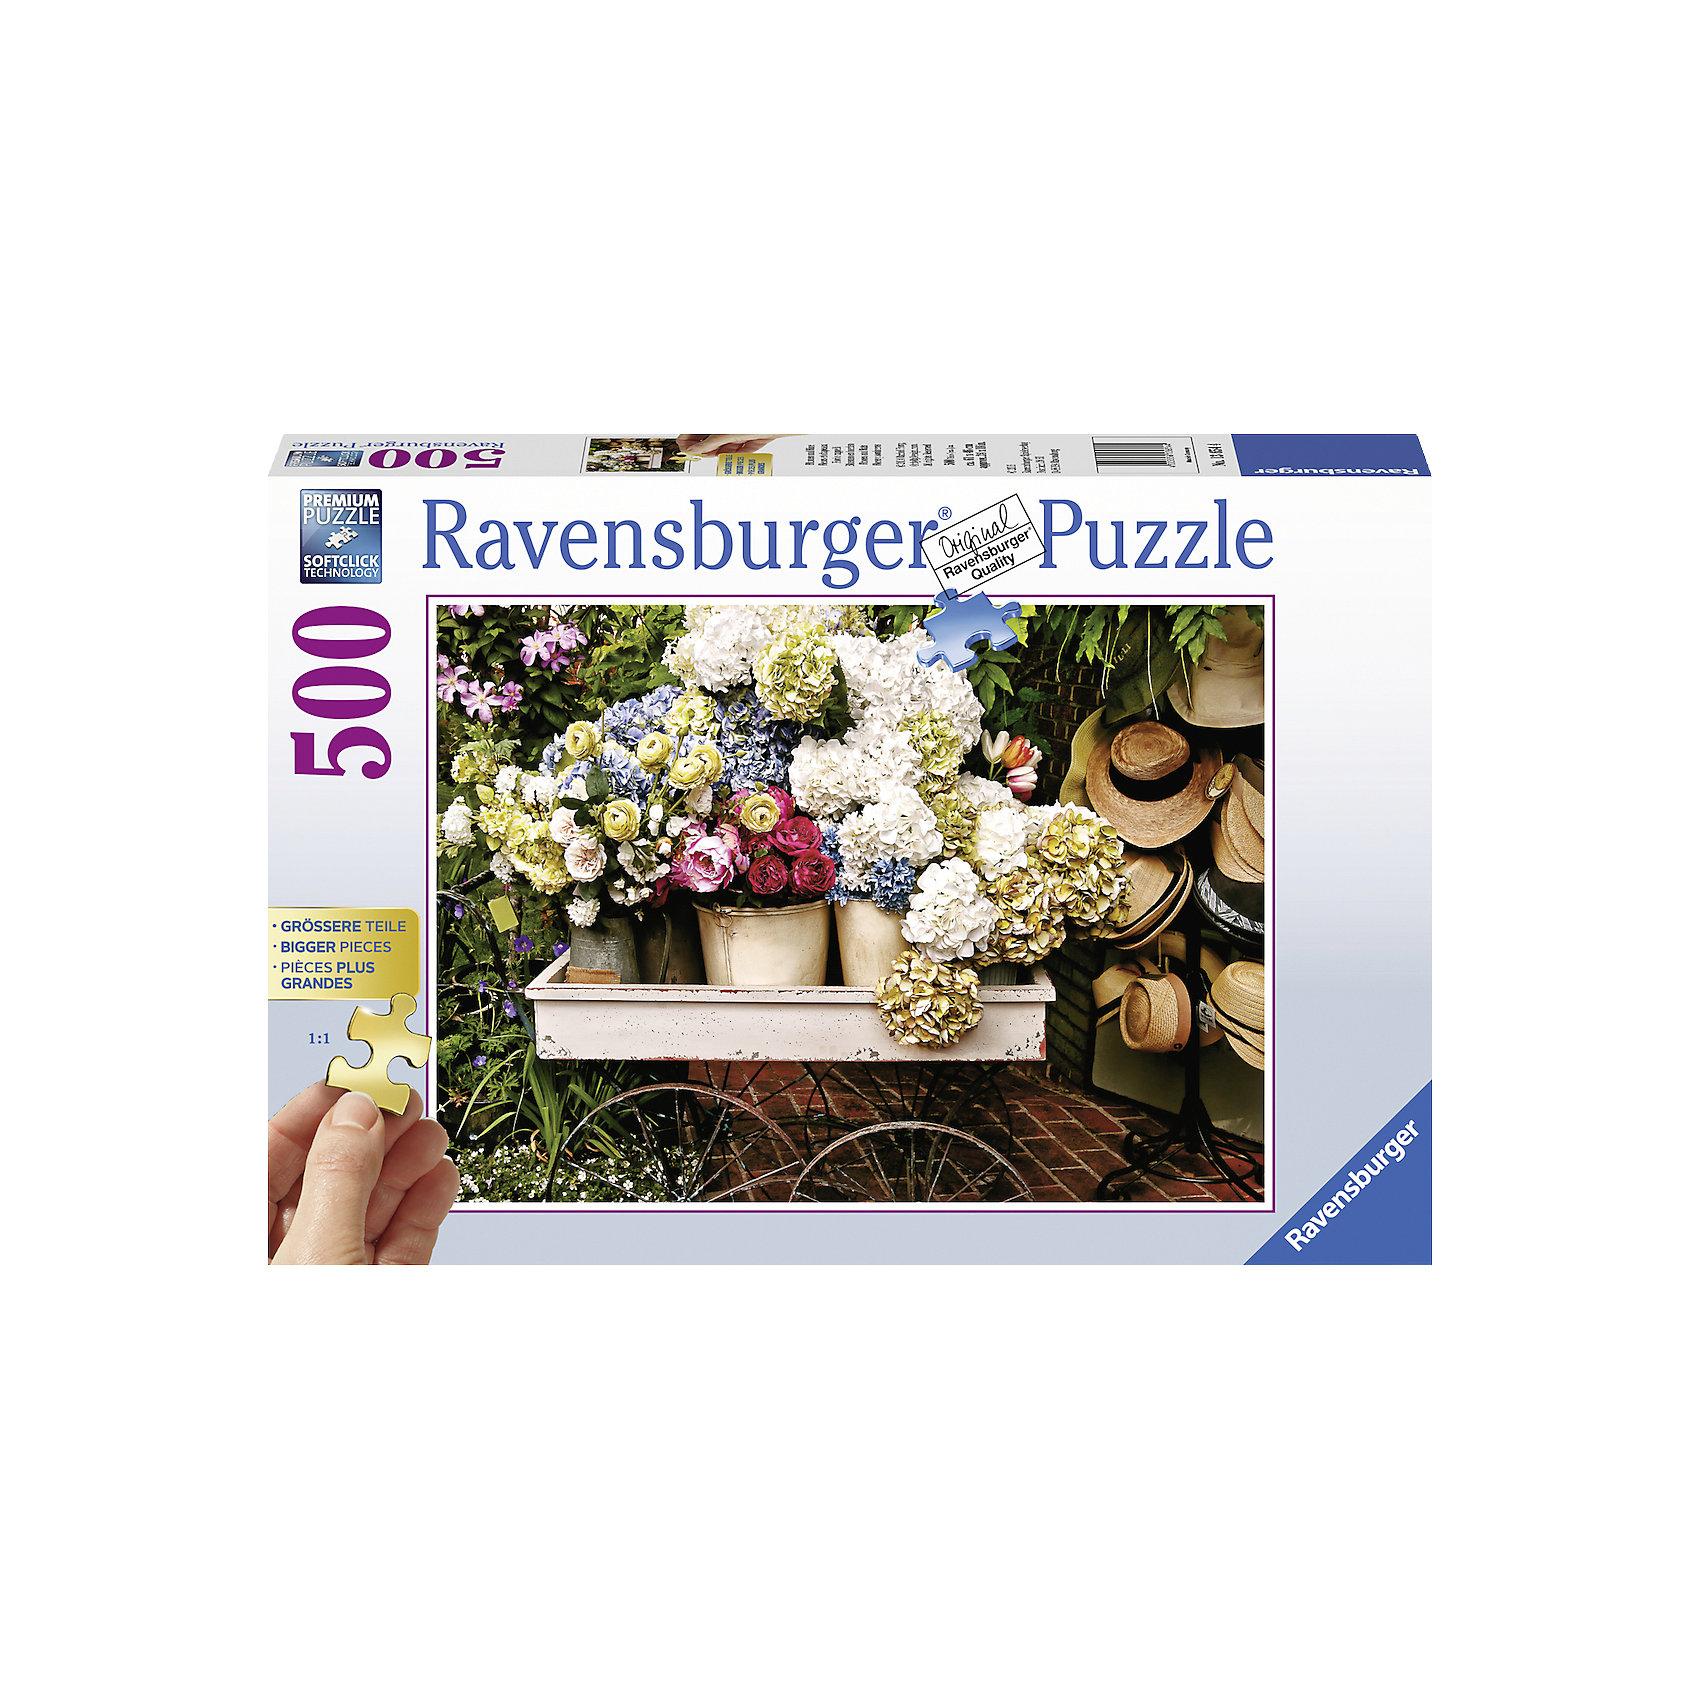 Пазл Цветы и шляпы, 500 деталей, RavensburgerПазлы для детей постарше<br>Пазл Цветы и шляпы, 500 деталей, Ravensburger (Равенсбургер) – это качественный пазл с яркими красками и реалистичной картинкой.<br>Собрав Пазл «Цветы и шляпы» Ravensburger (Равенсбургер) из 500 деталей Вы получите картину, на которой изображена тележка с букетами восхитительных цветов, а сбоку на вешалке висят соломенные шляпки. Картинка выглядит довольно реалистично, глядя на нее, кажется, что попадаешь на красочную распродажу. Процесс сборки пазла снимает стресс и способствует развитию логического мышления. Пазлы Ravensburger (Равенсбургер) - это высочайшее качество картона и полиграфии. Детали пазла не ломаются, не подвергаются деформации при сборке. Элементы пазла идеально соединяются друг с другом, не отслаиваются с течением времени. Матовая поверхность исключает отблески. Для сохранения в собранном виде можно использовать скотч или специальный клей для пазлов (в комплект не входит).<br><br>Дополнительная информация:<br><br>- Количество деталей: 500<br>- Размер готовой картинки: 61 x 46 см.<br>- Материал: прочный, качественный картон<br>- Размер упаковки: 34 x 23 x 6 см.<br><br>Пазл Цветы и шляпы, 500 деталей, Ravensburger (Равенсбургер) можно купить в нашем интернет-магазине.<br><br>Ширина мм: 336<br>Глубина мм: 233<br>Высота мм: 39<br>Вес г: 514<br>Возраст от месяцев: 108<br>Возраст до месяцев: 228<br>Пол: Унисекс<br>Возраст: Детский<br>Количество деталей: 500<br>SKU: 4441712